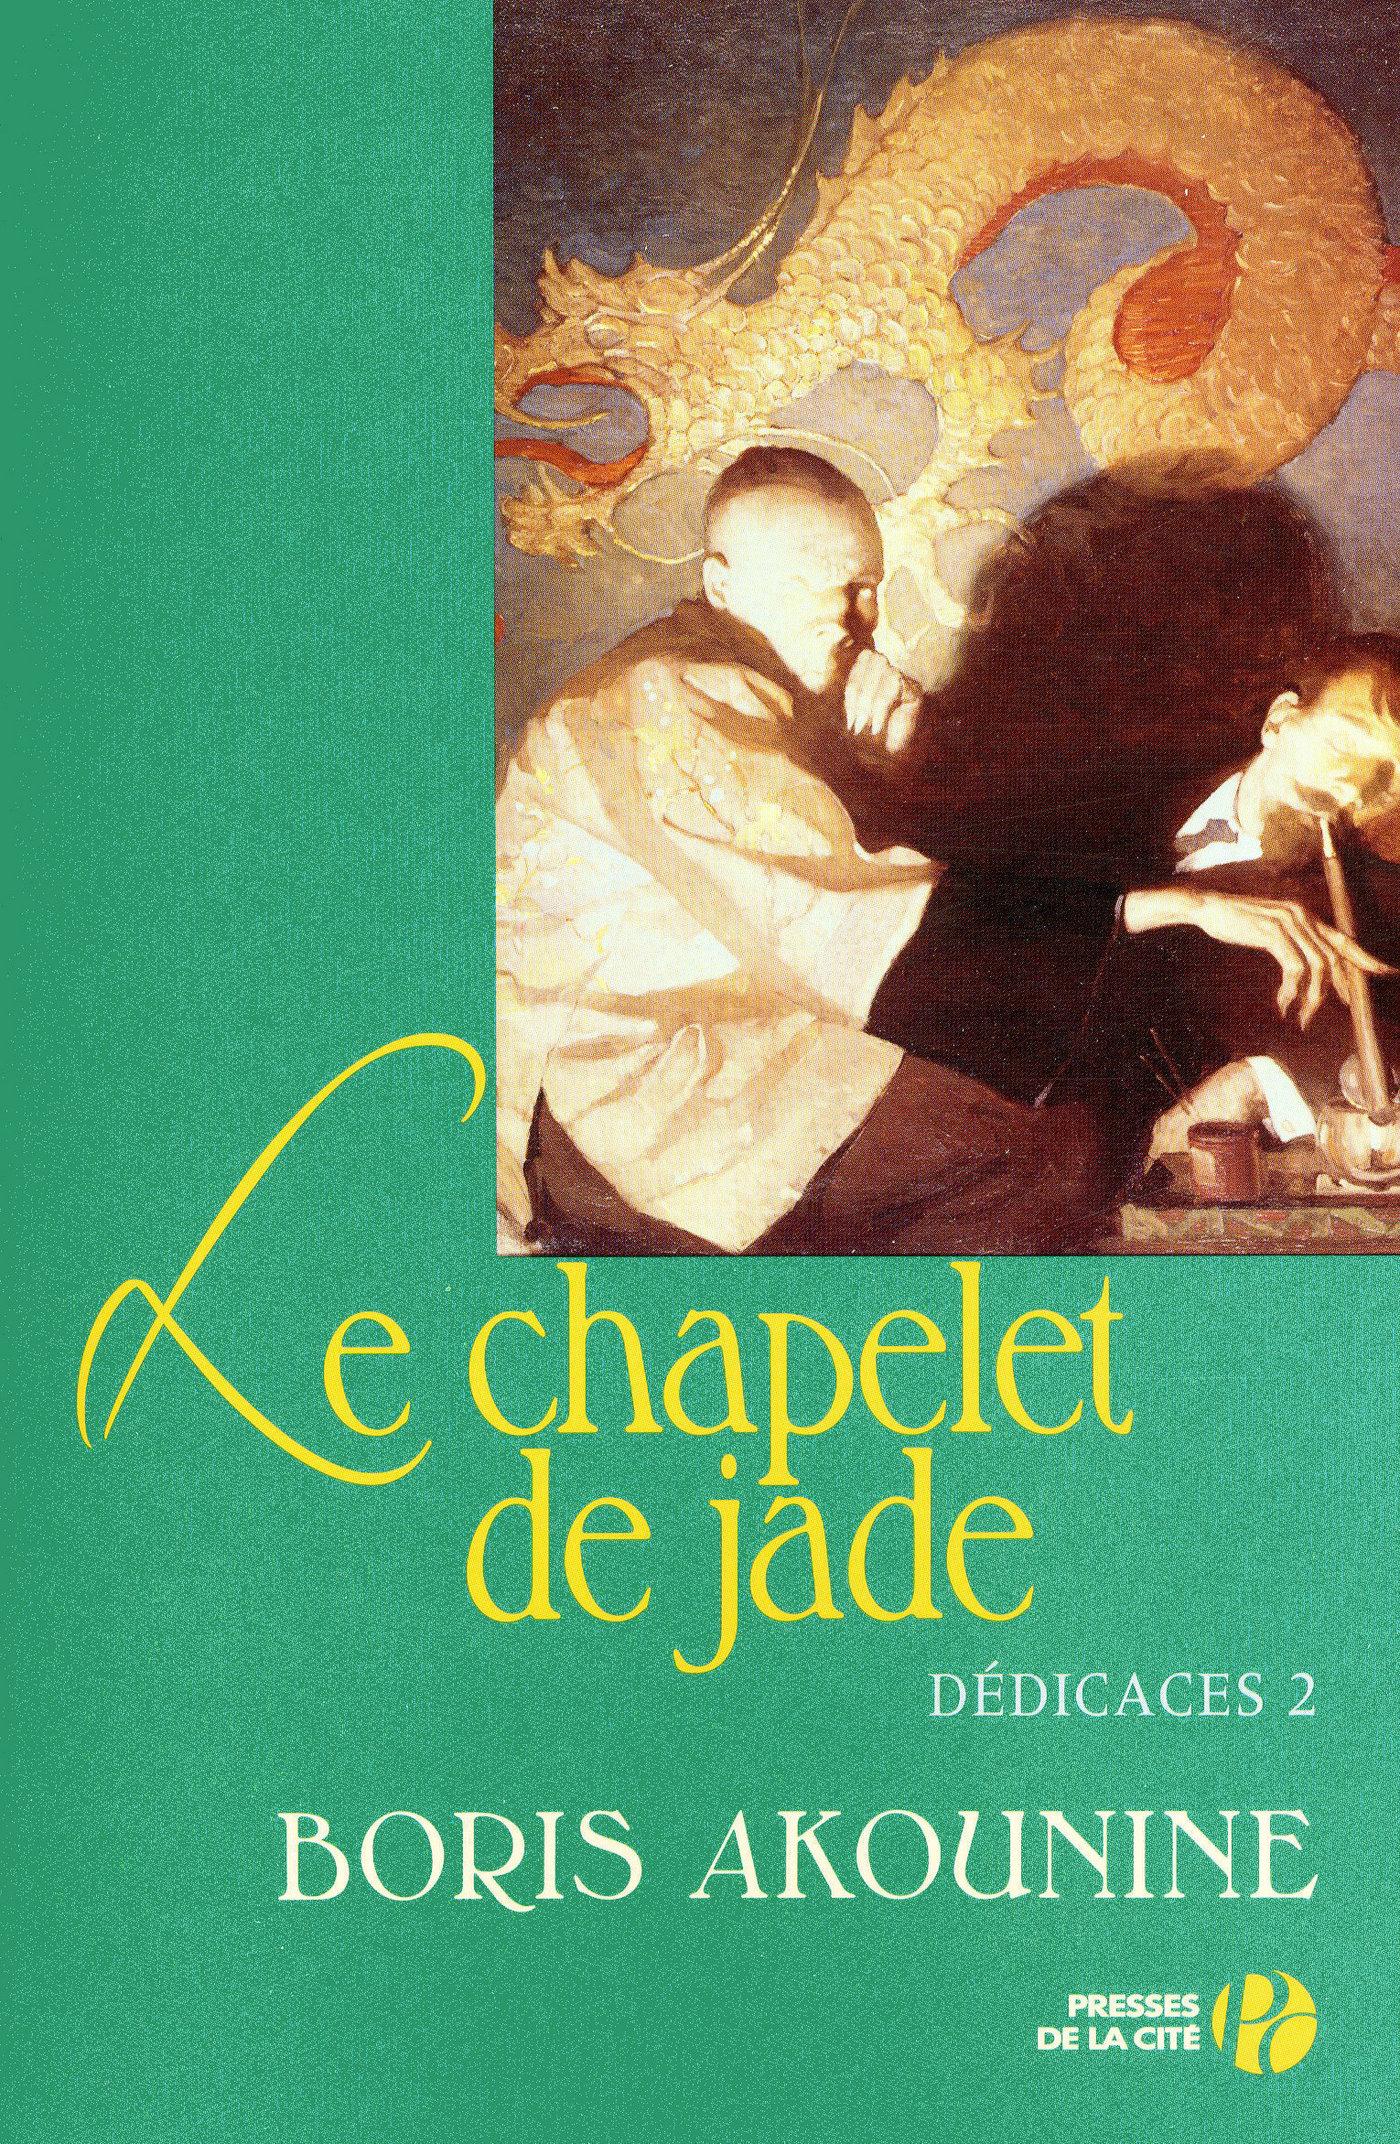 Dédicace 2 - Le Chapelet de jade